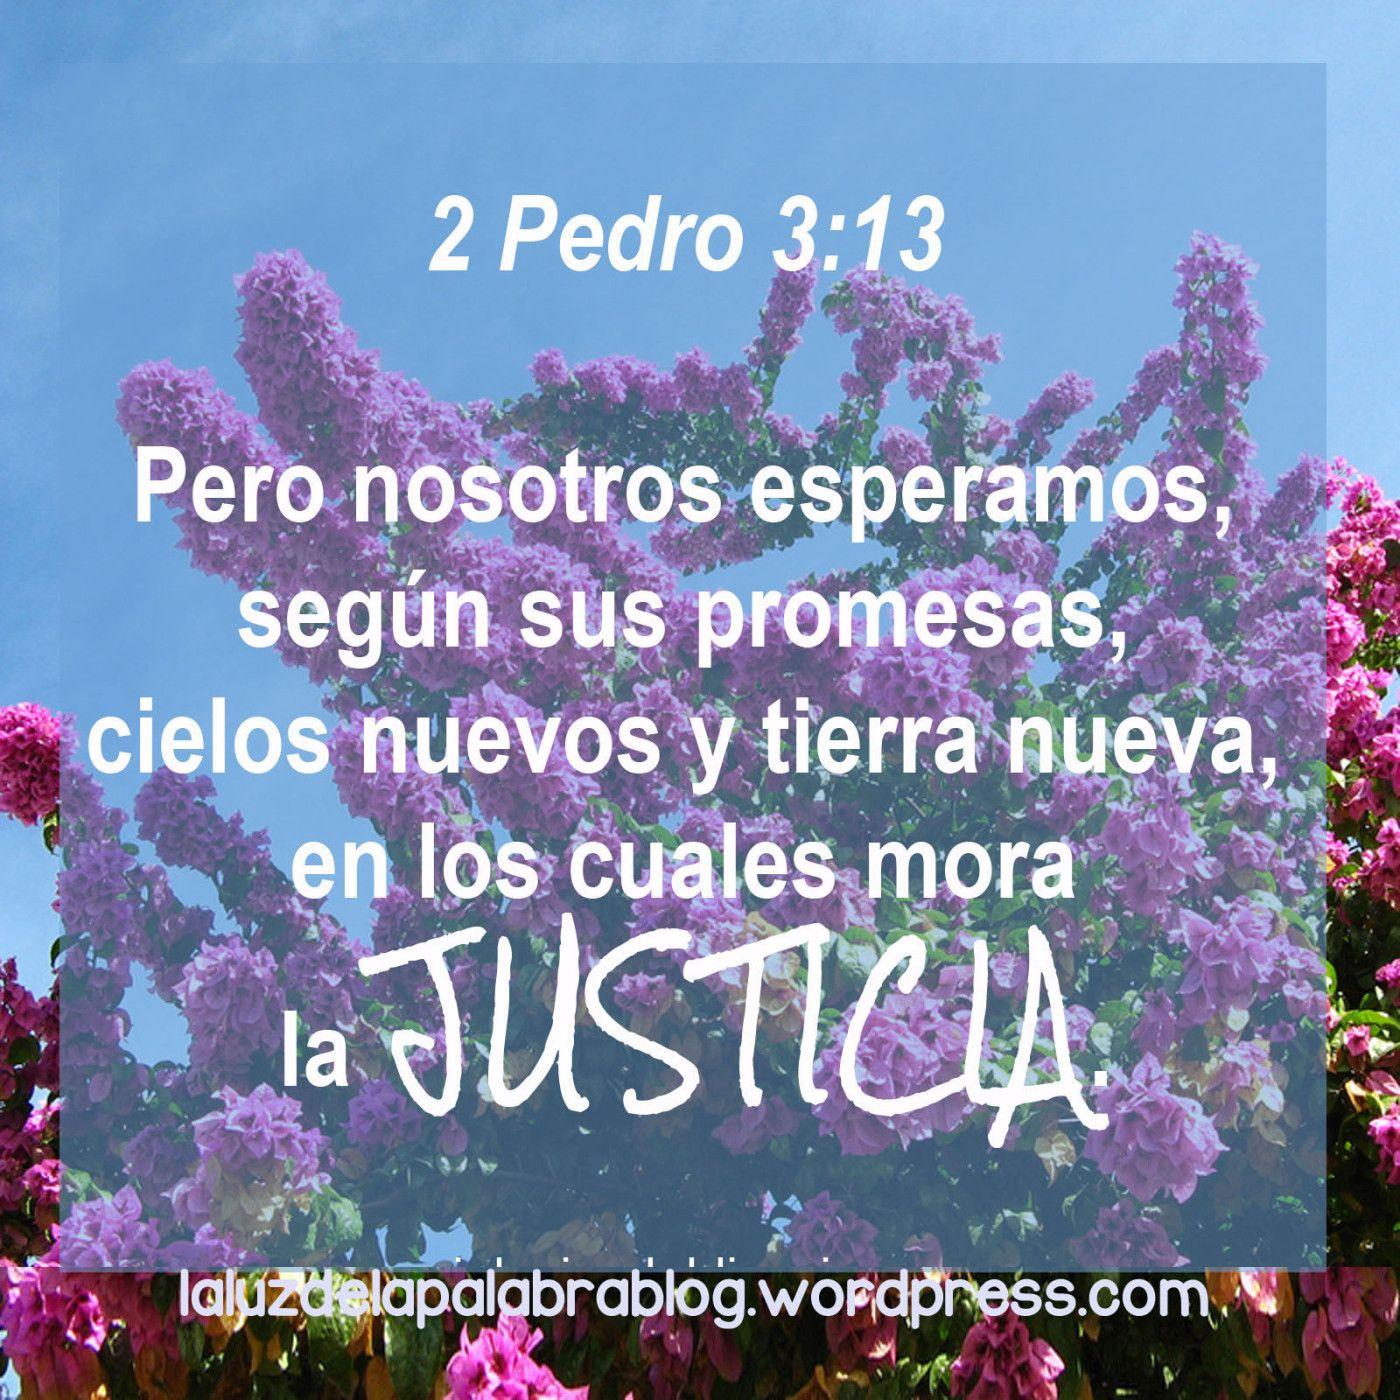 2 Pedro 313 Palabra De Dios Frases Dios Y Mensaje De Dios